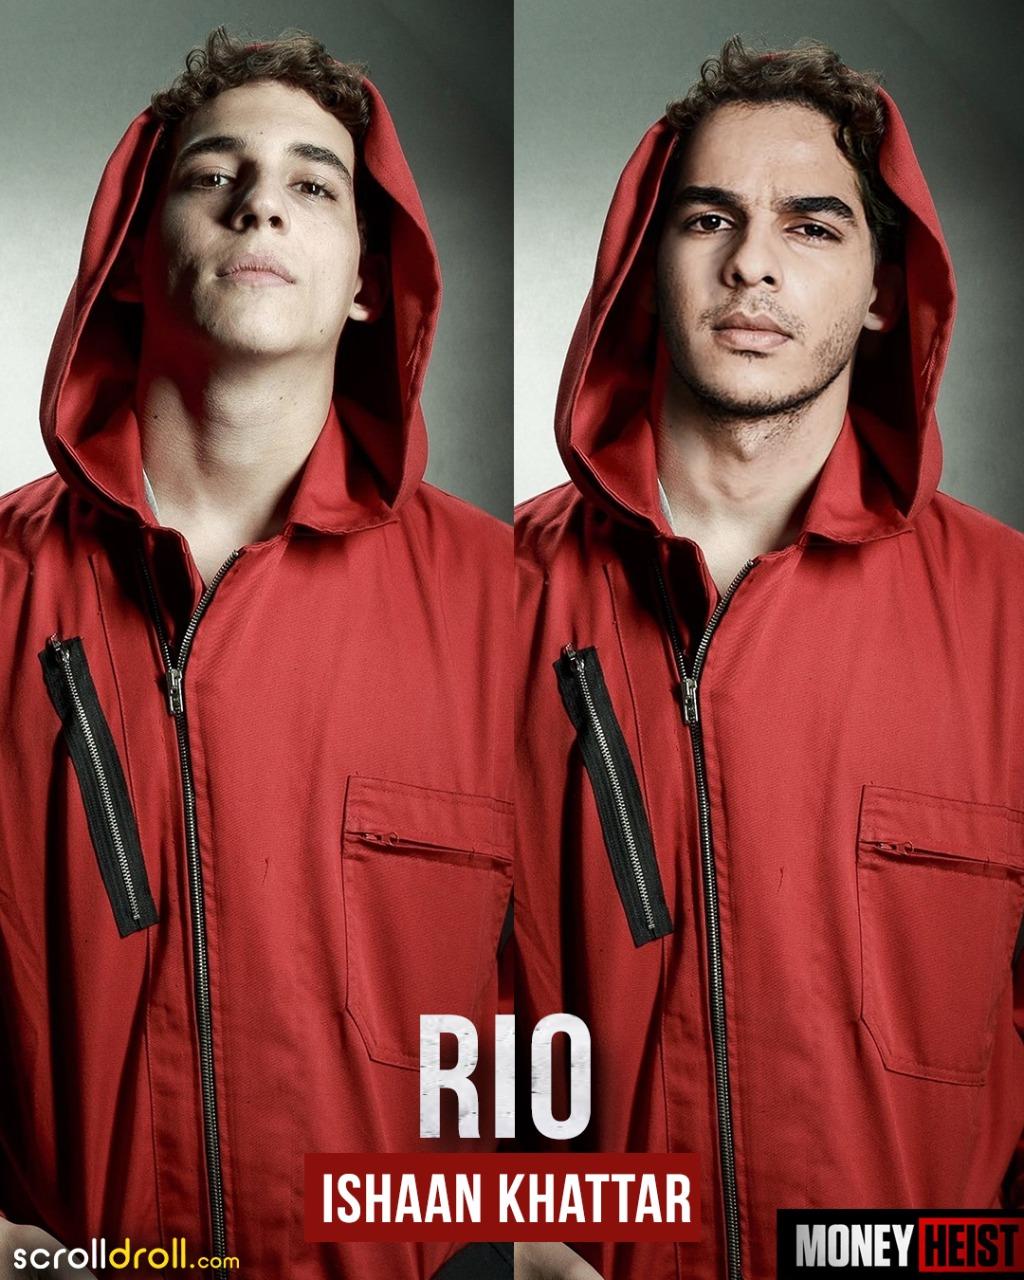 Money-Heist-With-A-Bollywood-Cast-Rio